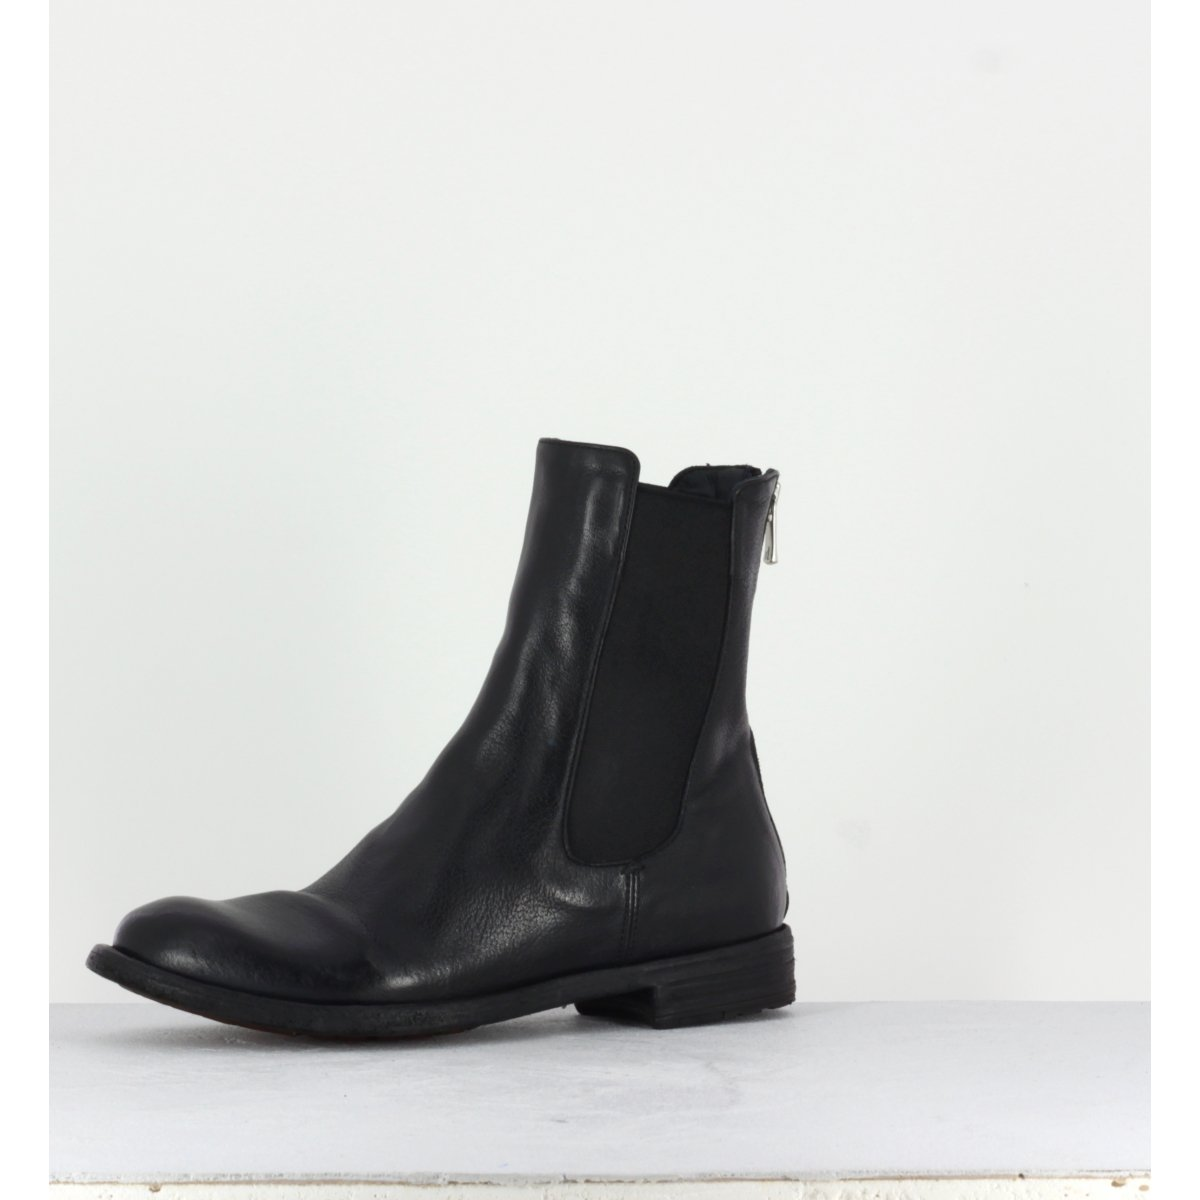 Bottines plates en cuir noir Officine Creative  pour femmes - LEXIKON/073N